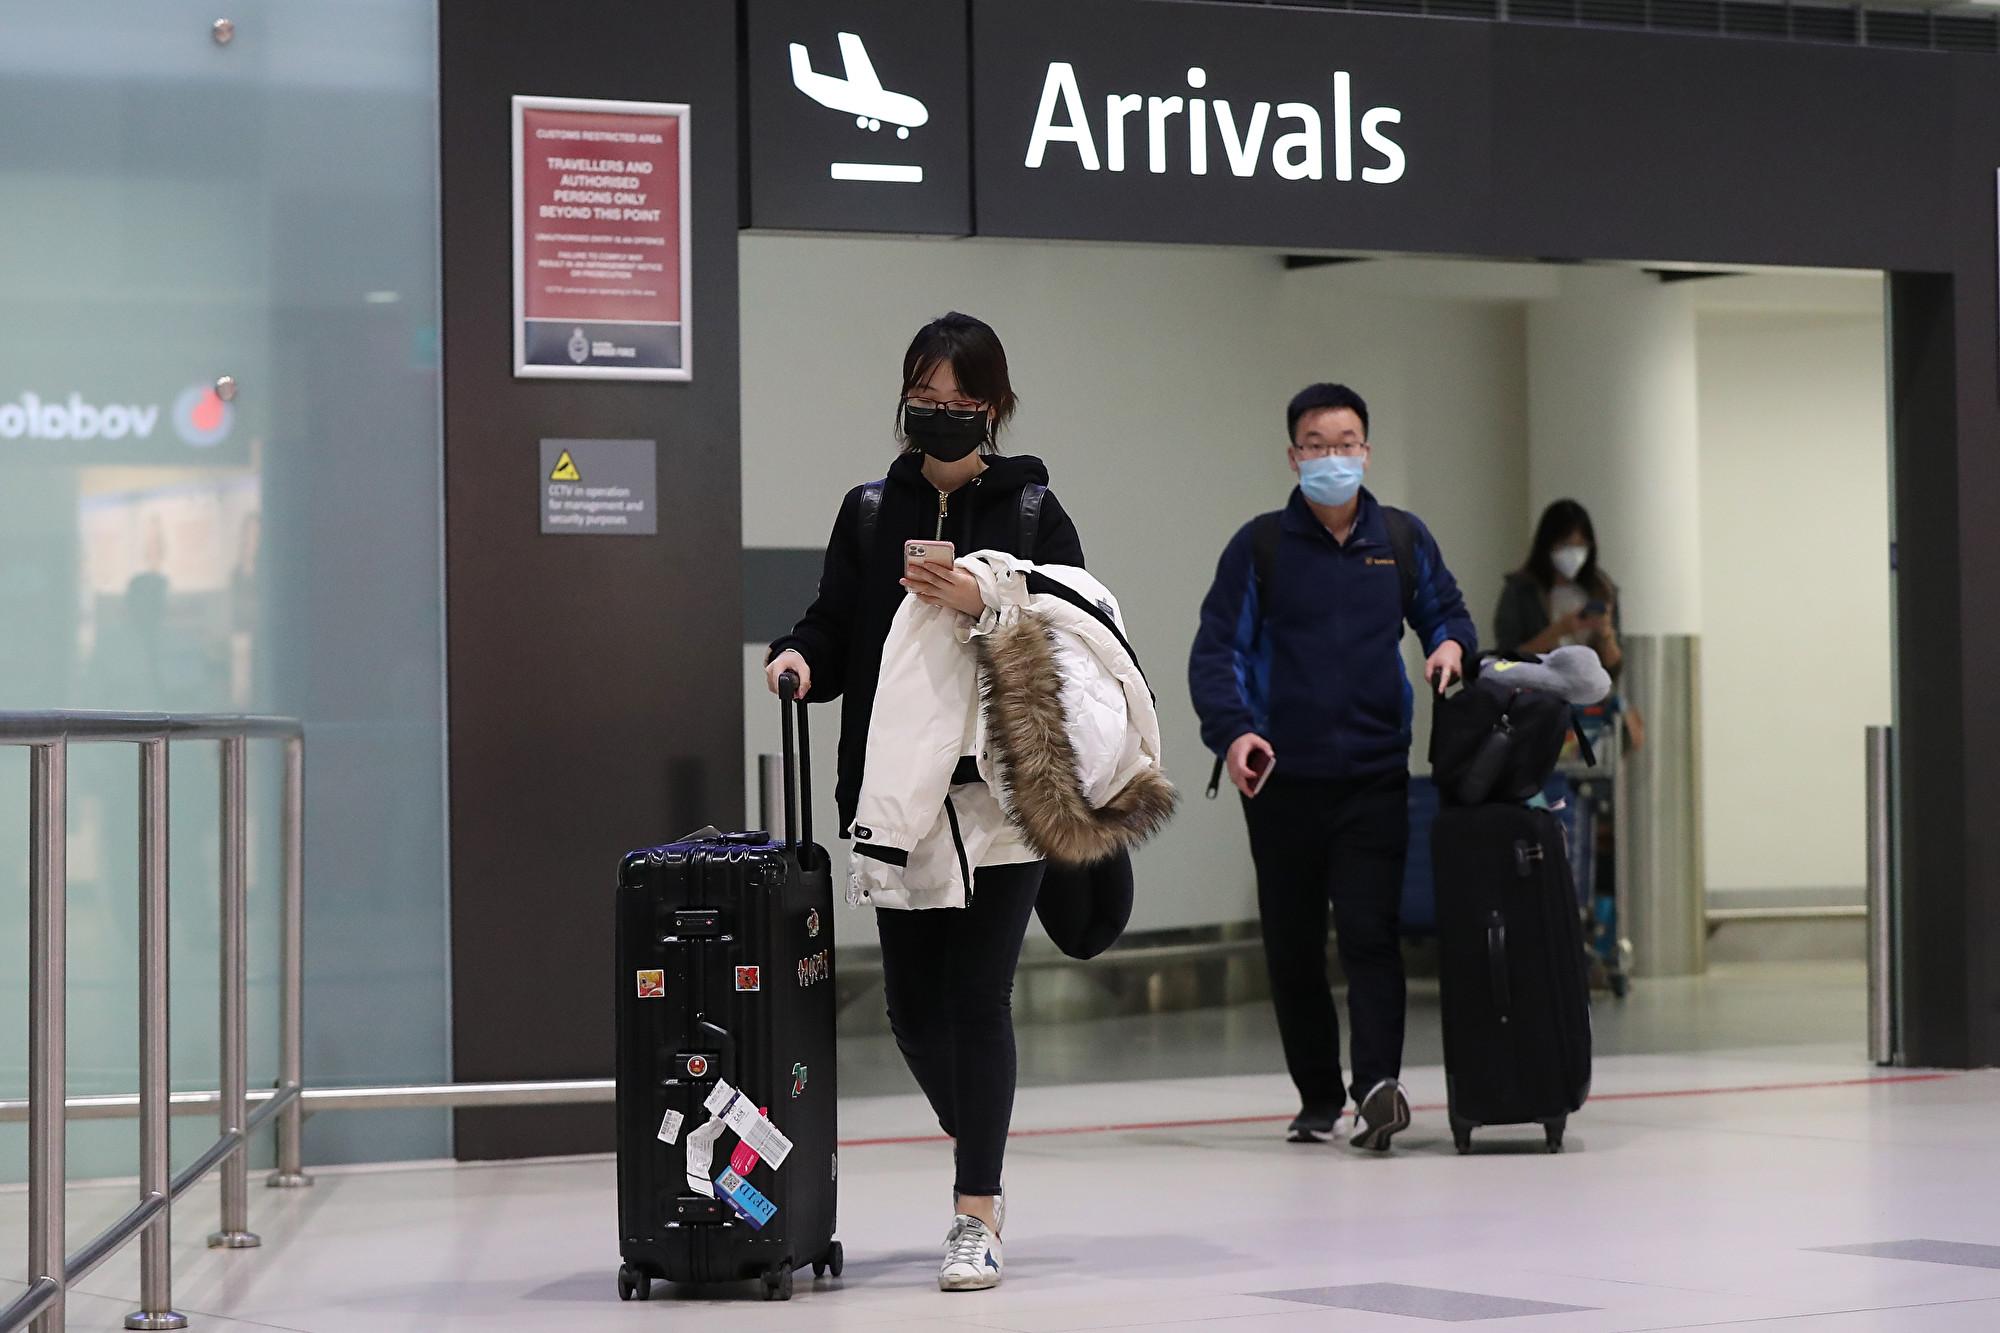 中共肺炎疫情當前 該如何規劃旅行計劃 專家支招